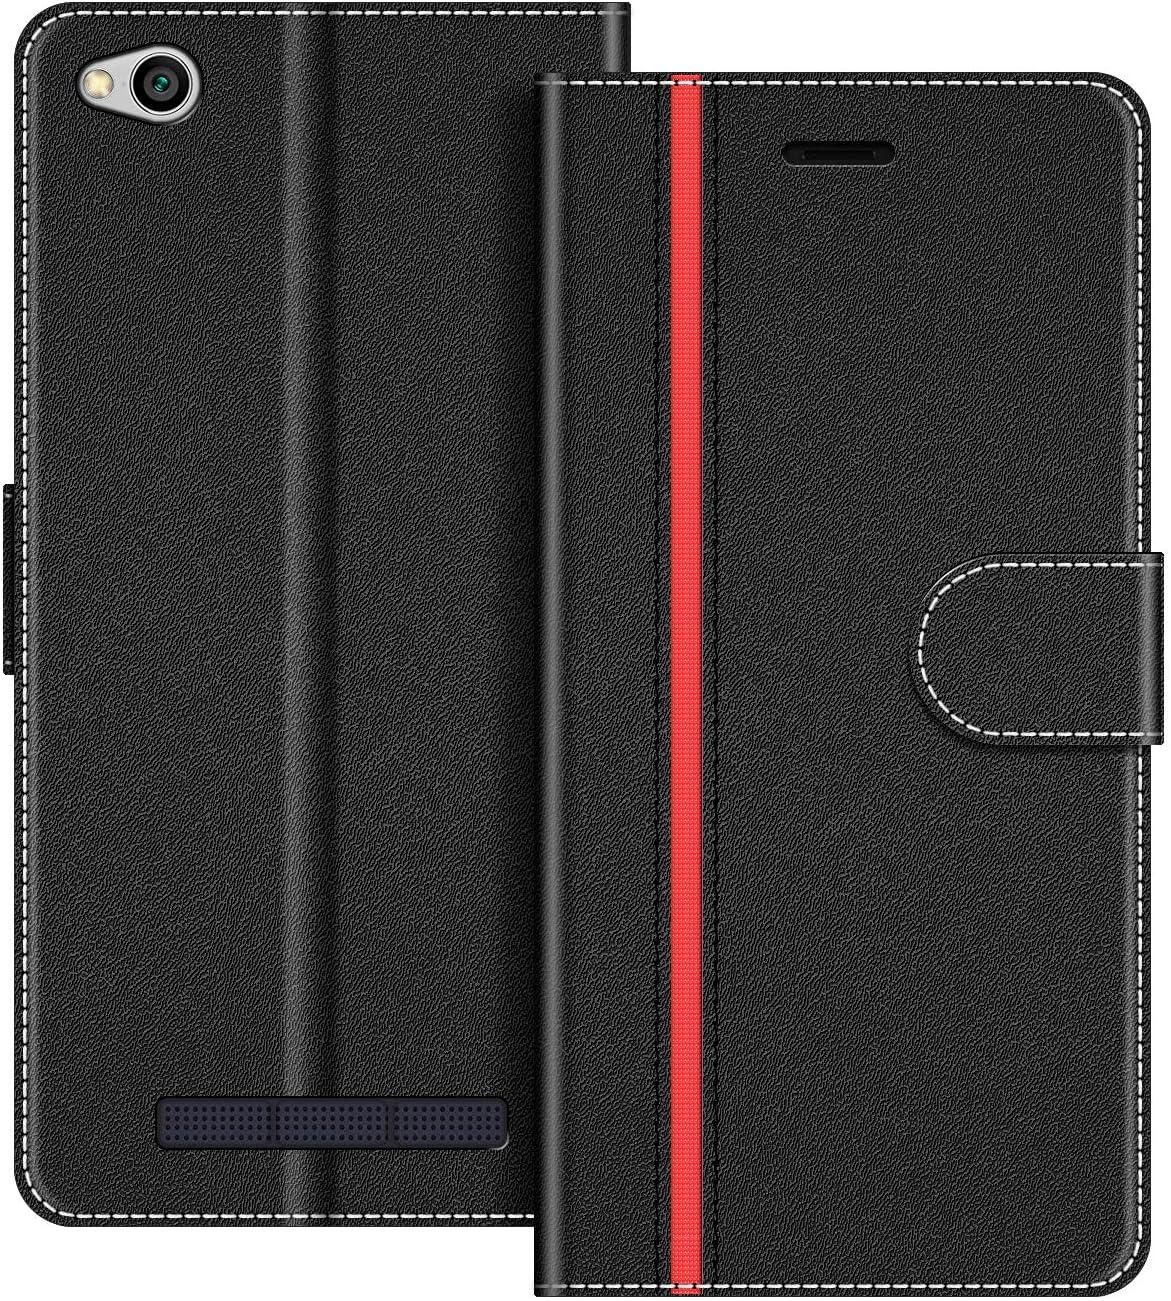 COODIO Funda Xiaomi Redmi 5A con Tapa, Funda Movil Xiaomi